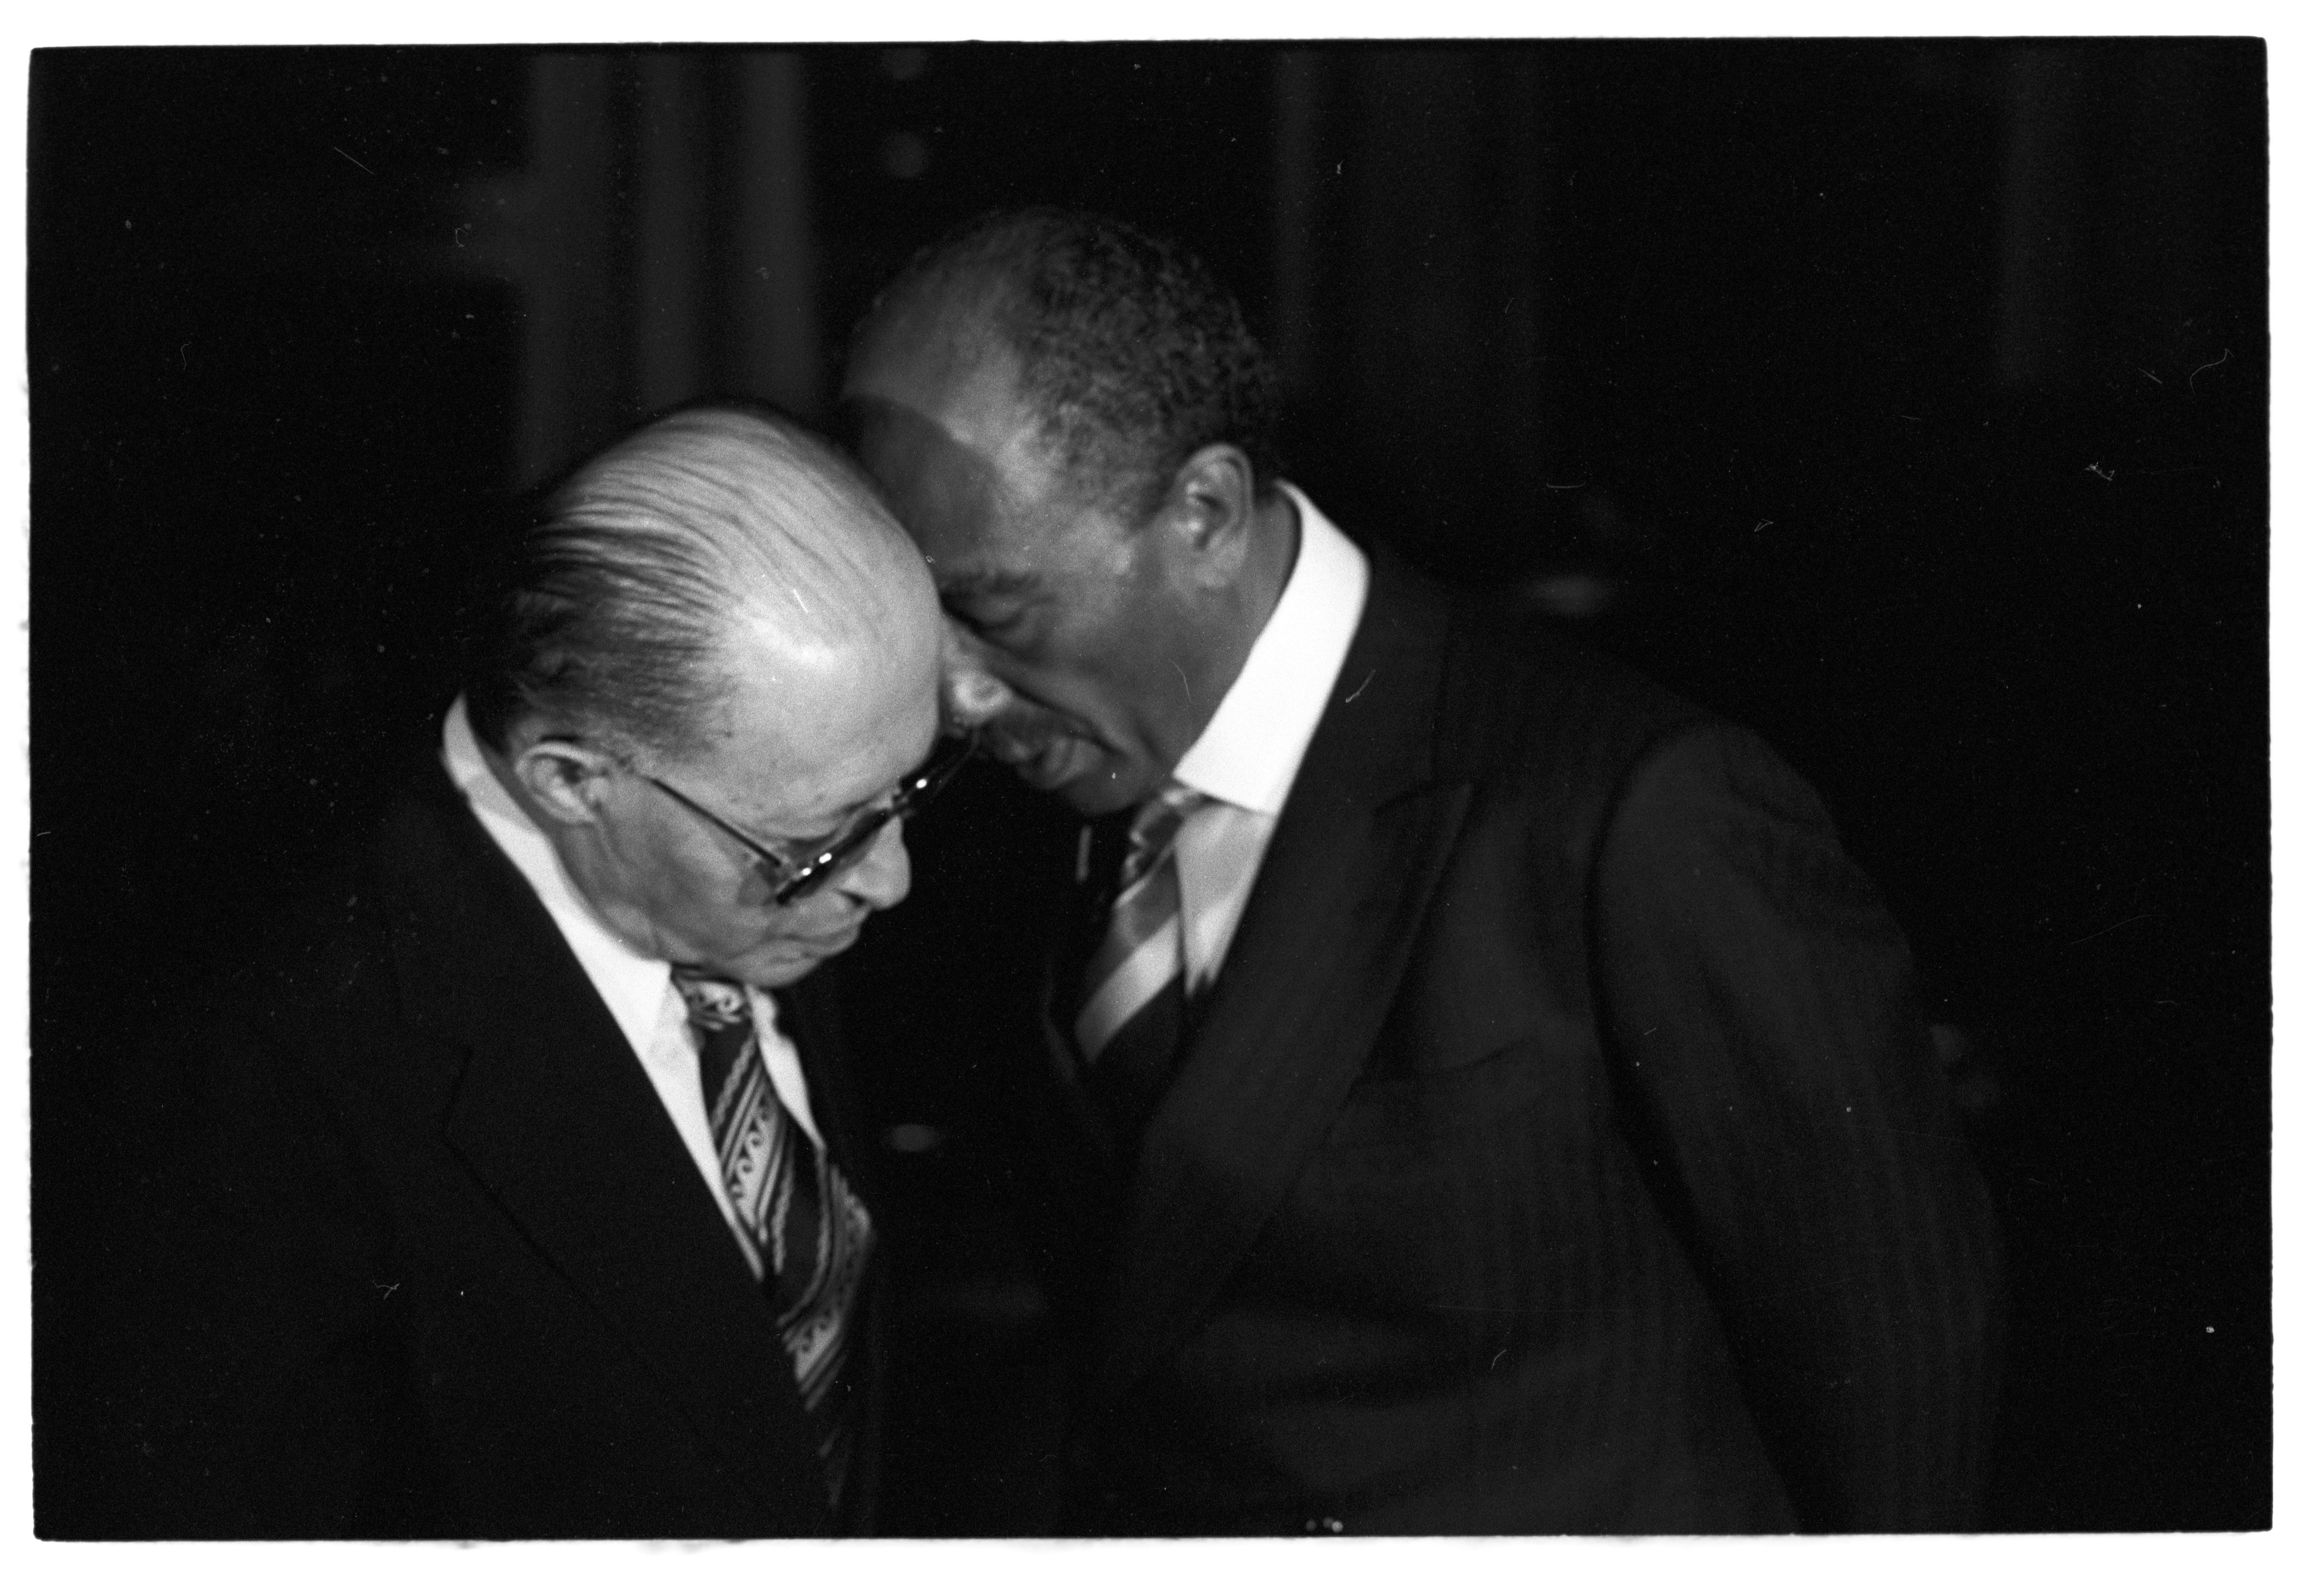 אנואר סאדאת, נשיא מצרים ומנחם בגין לאחר הסכם השלום עם מצרים